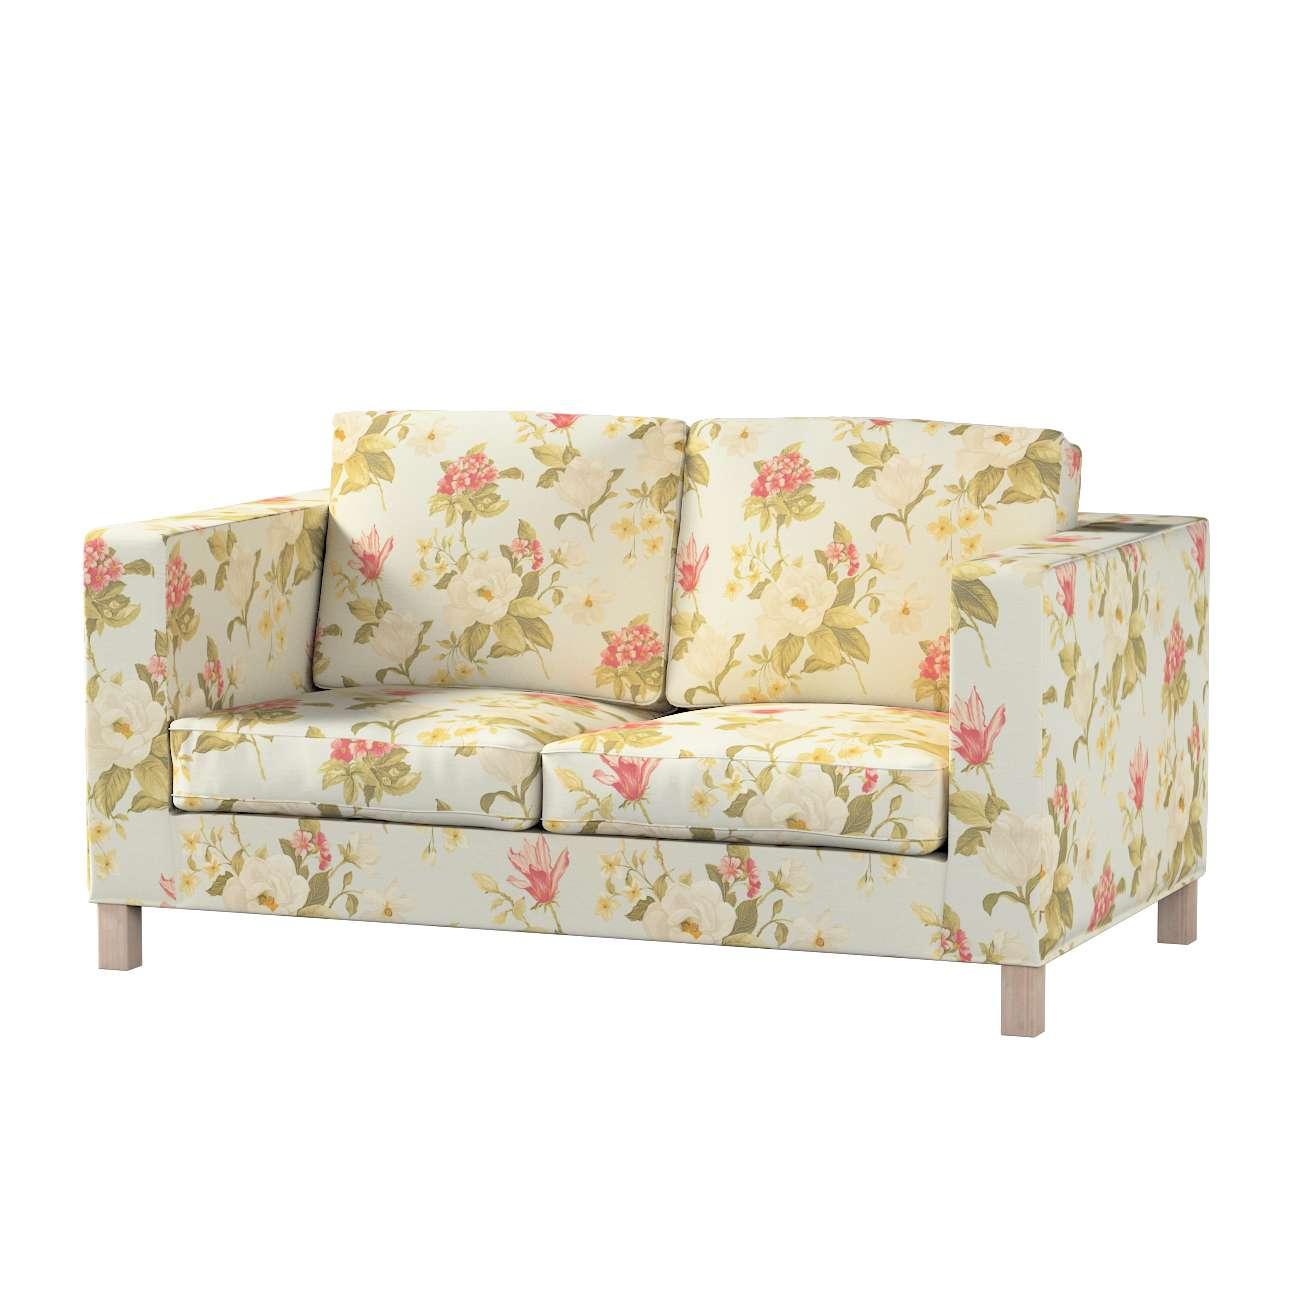 Pokrowiec na sofę Karlanda 2-osobową nierozkładaną, krótki w kolekcji Londres, tkanina: 123-65